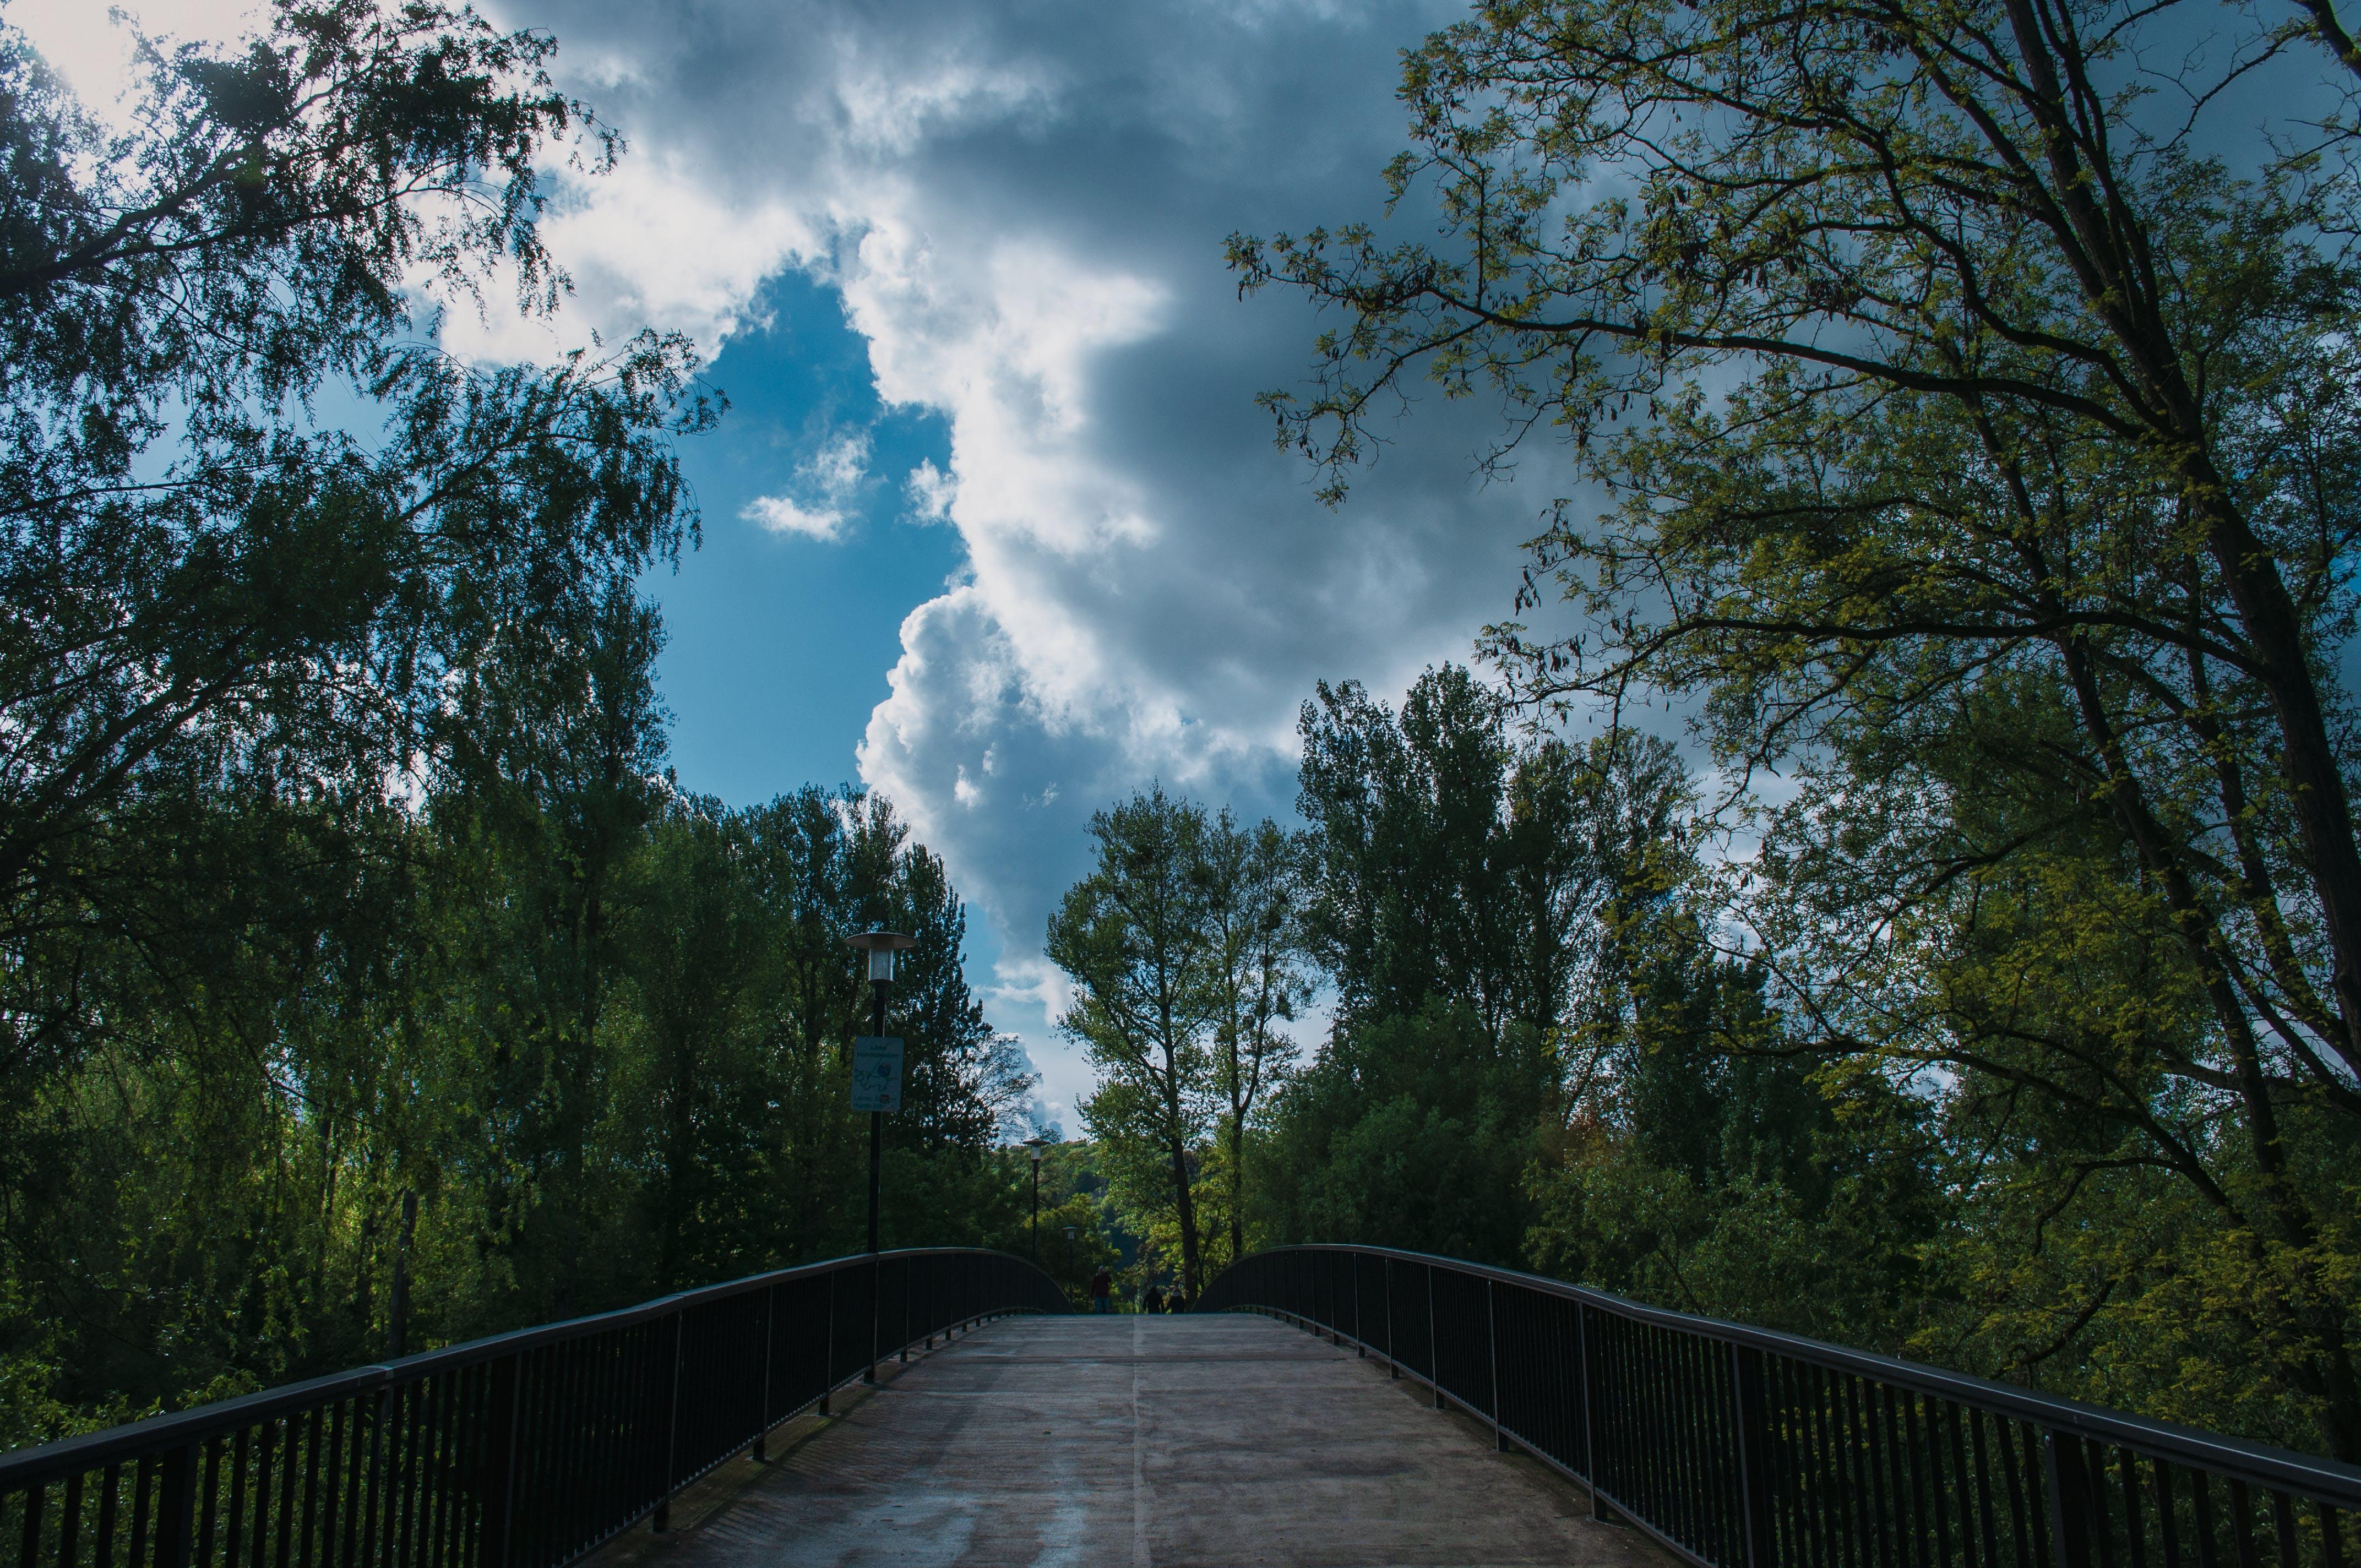 天空, 橋, 綠色, 藍色 的 免费素材照片